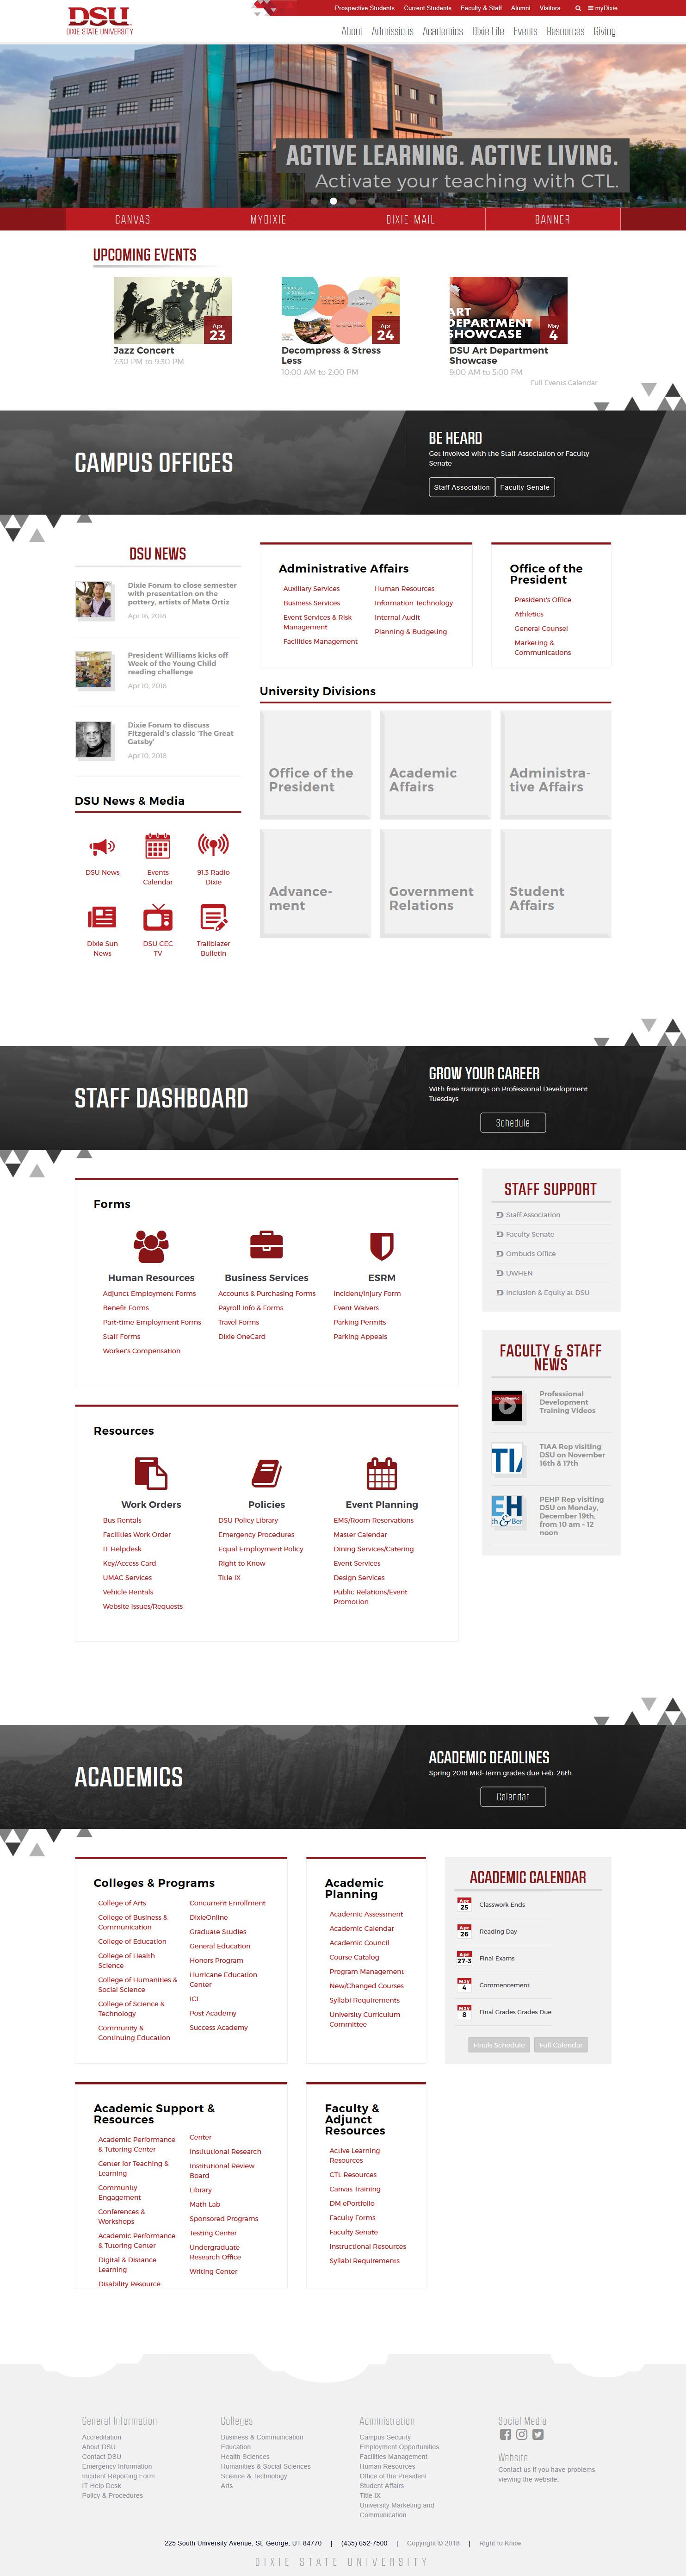 Employee Portal, Desktop View